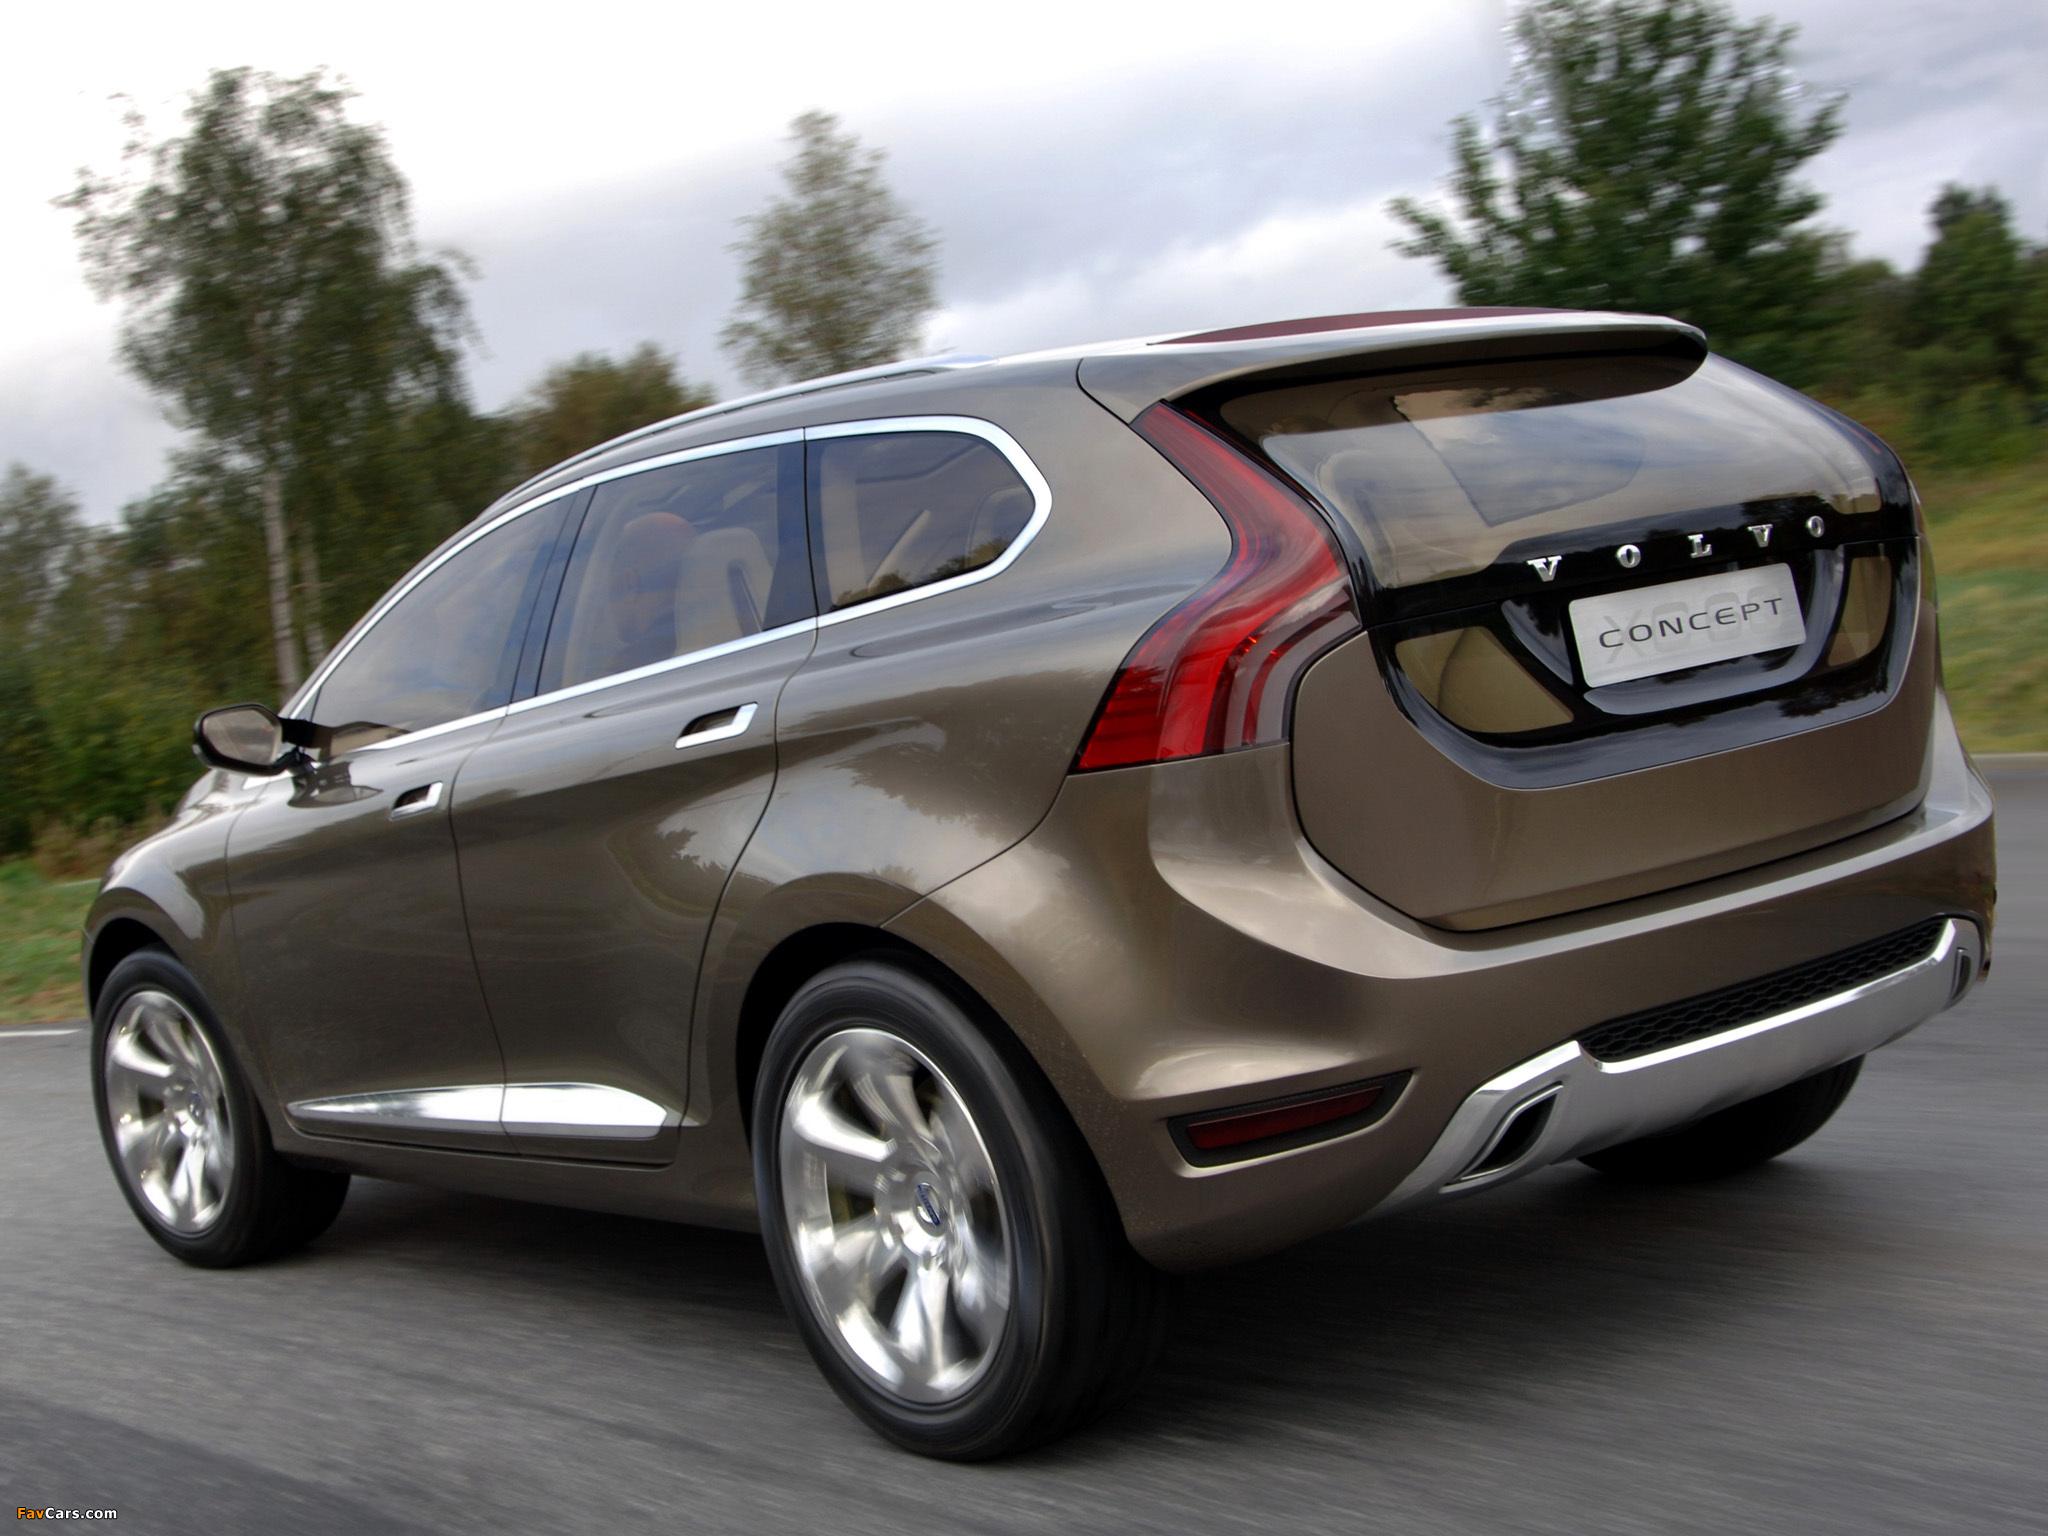 Volvo Xc60 Concept 2006 Images 2048x1536